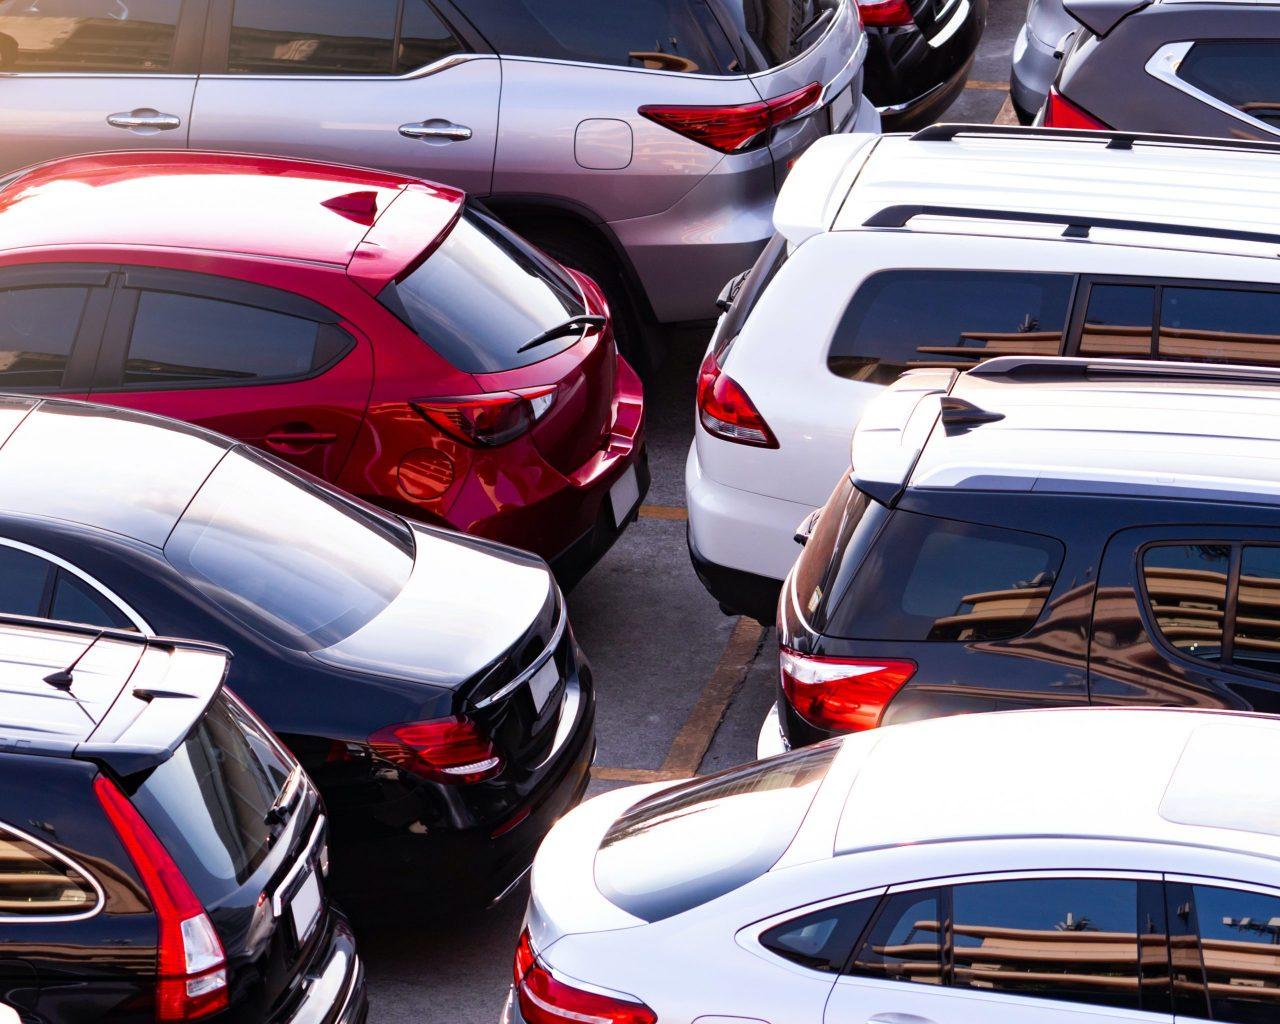 Otomobil Fiyatlarındaki Düşüş Devam Etti